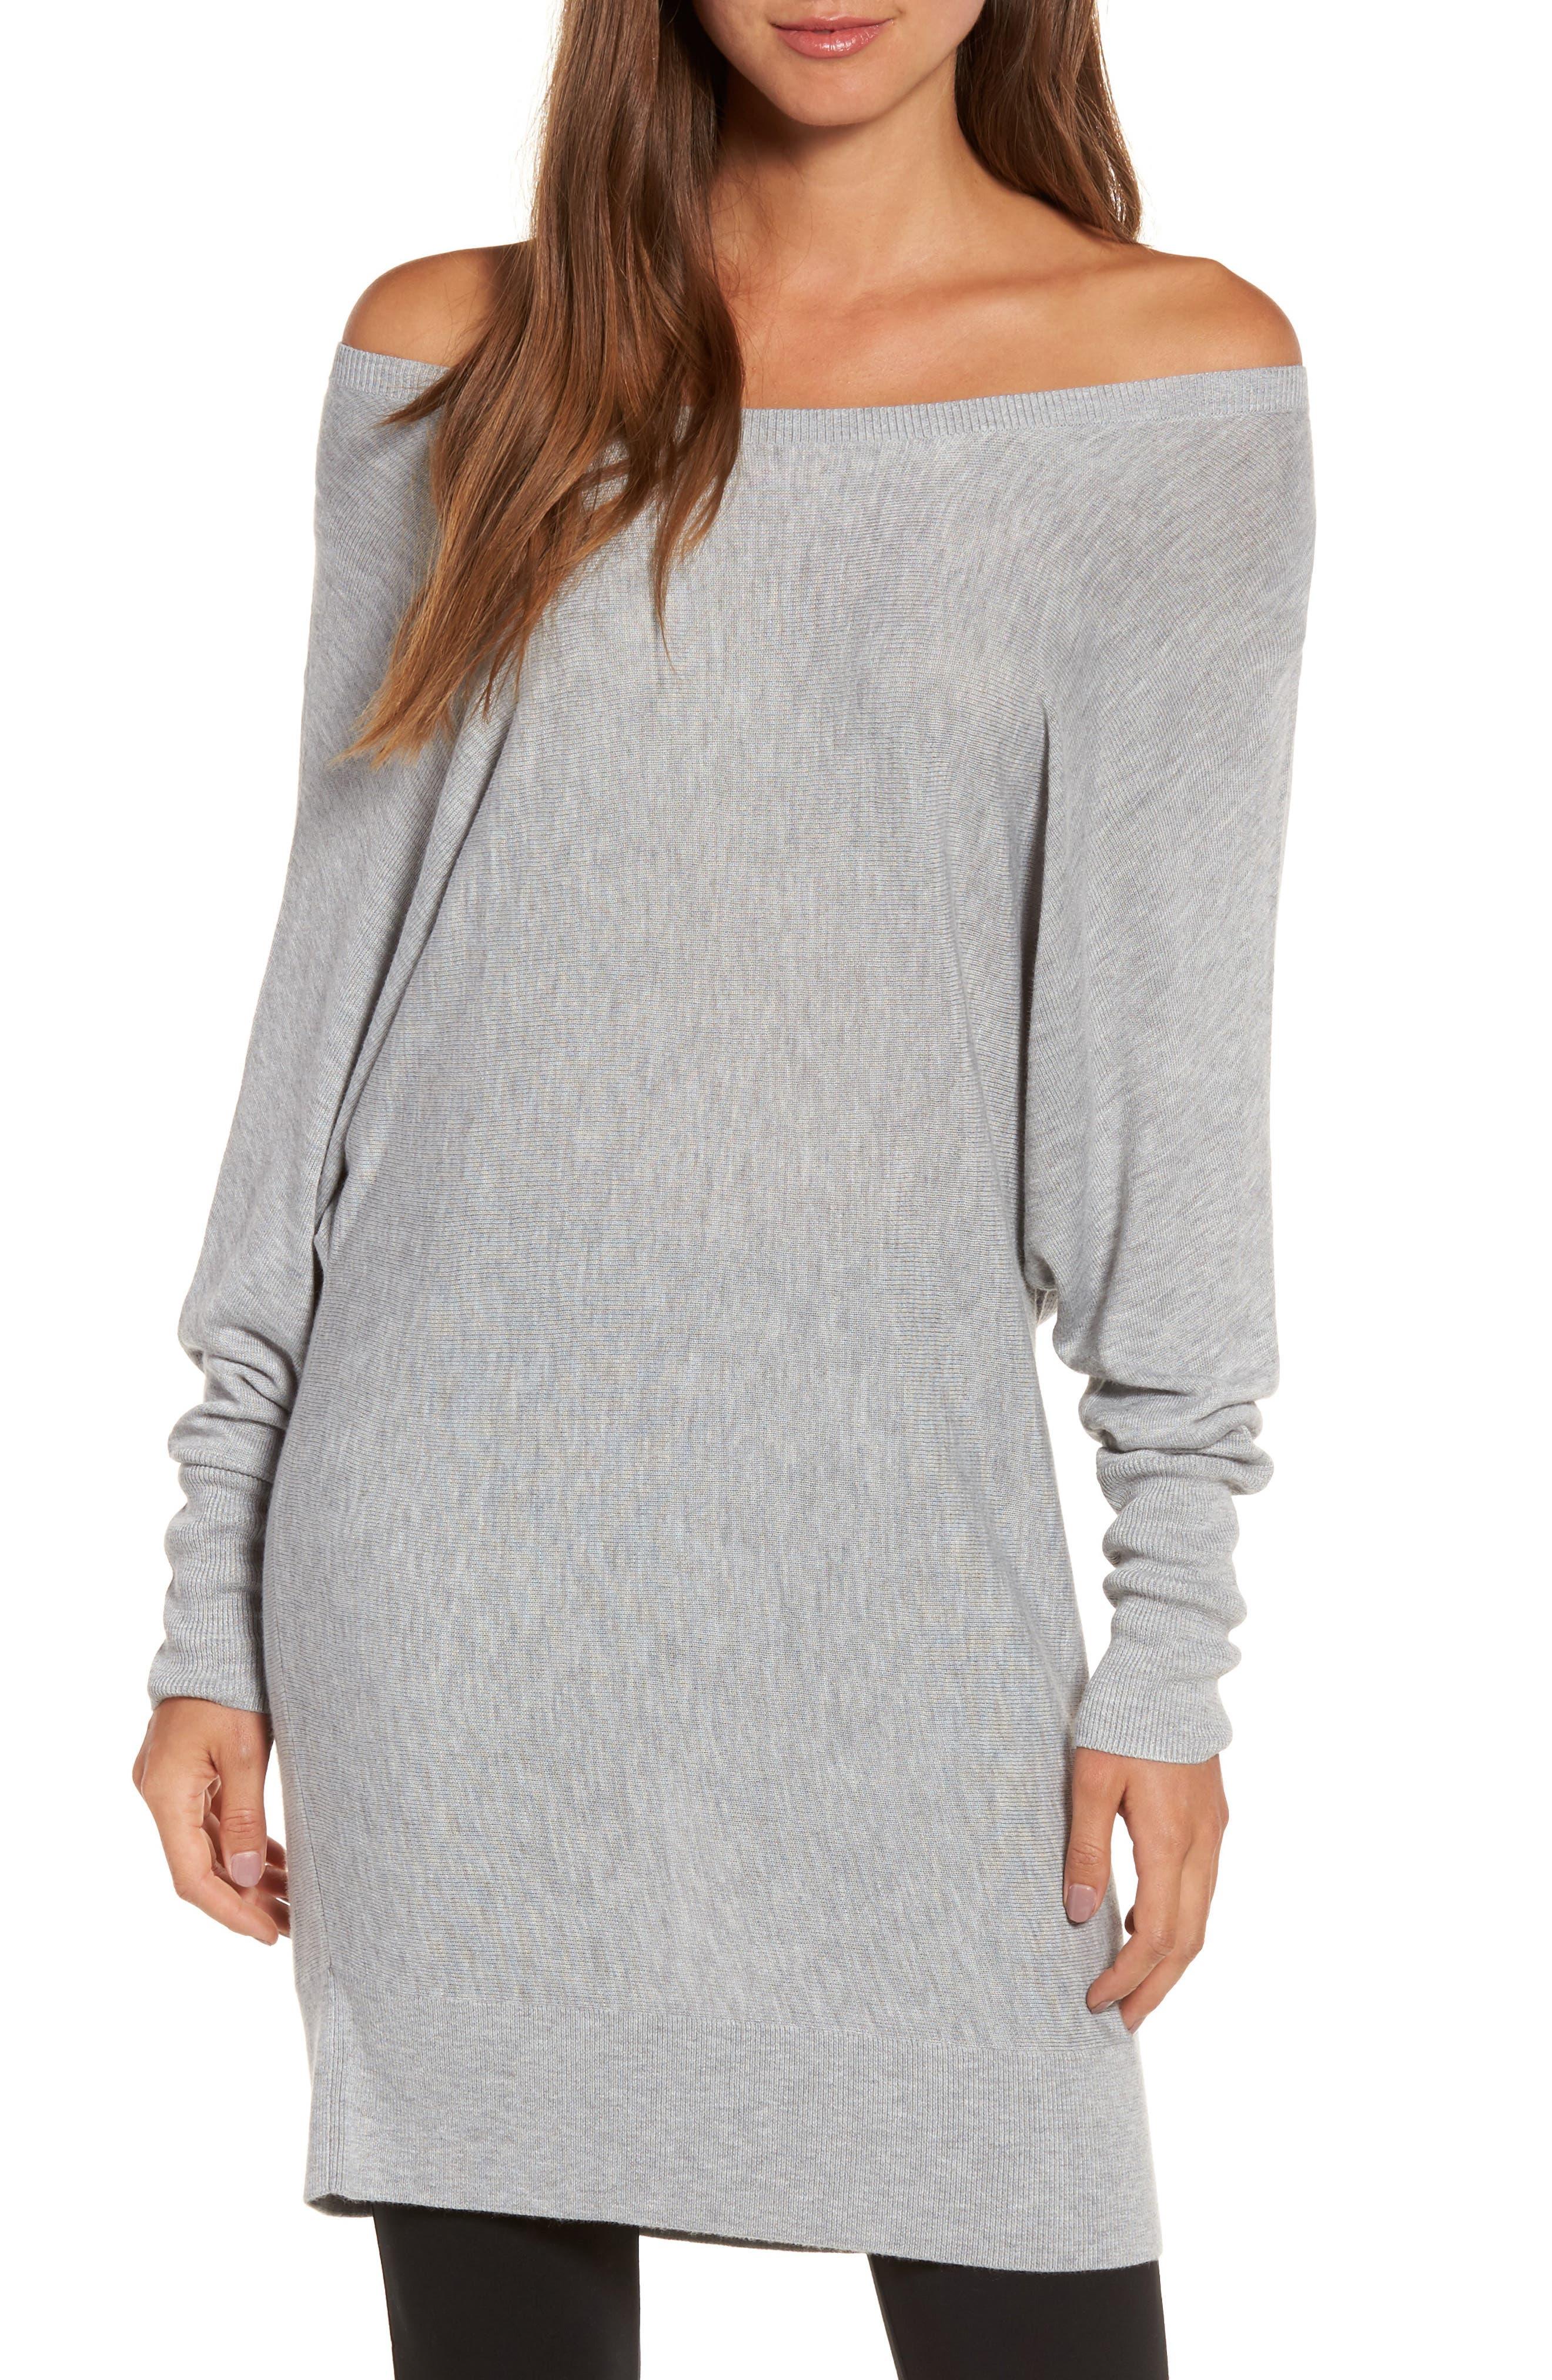 Trouvé Off the Shoulder Sweater